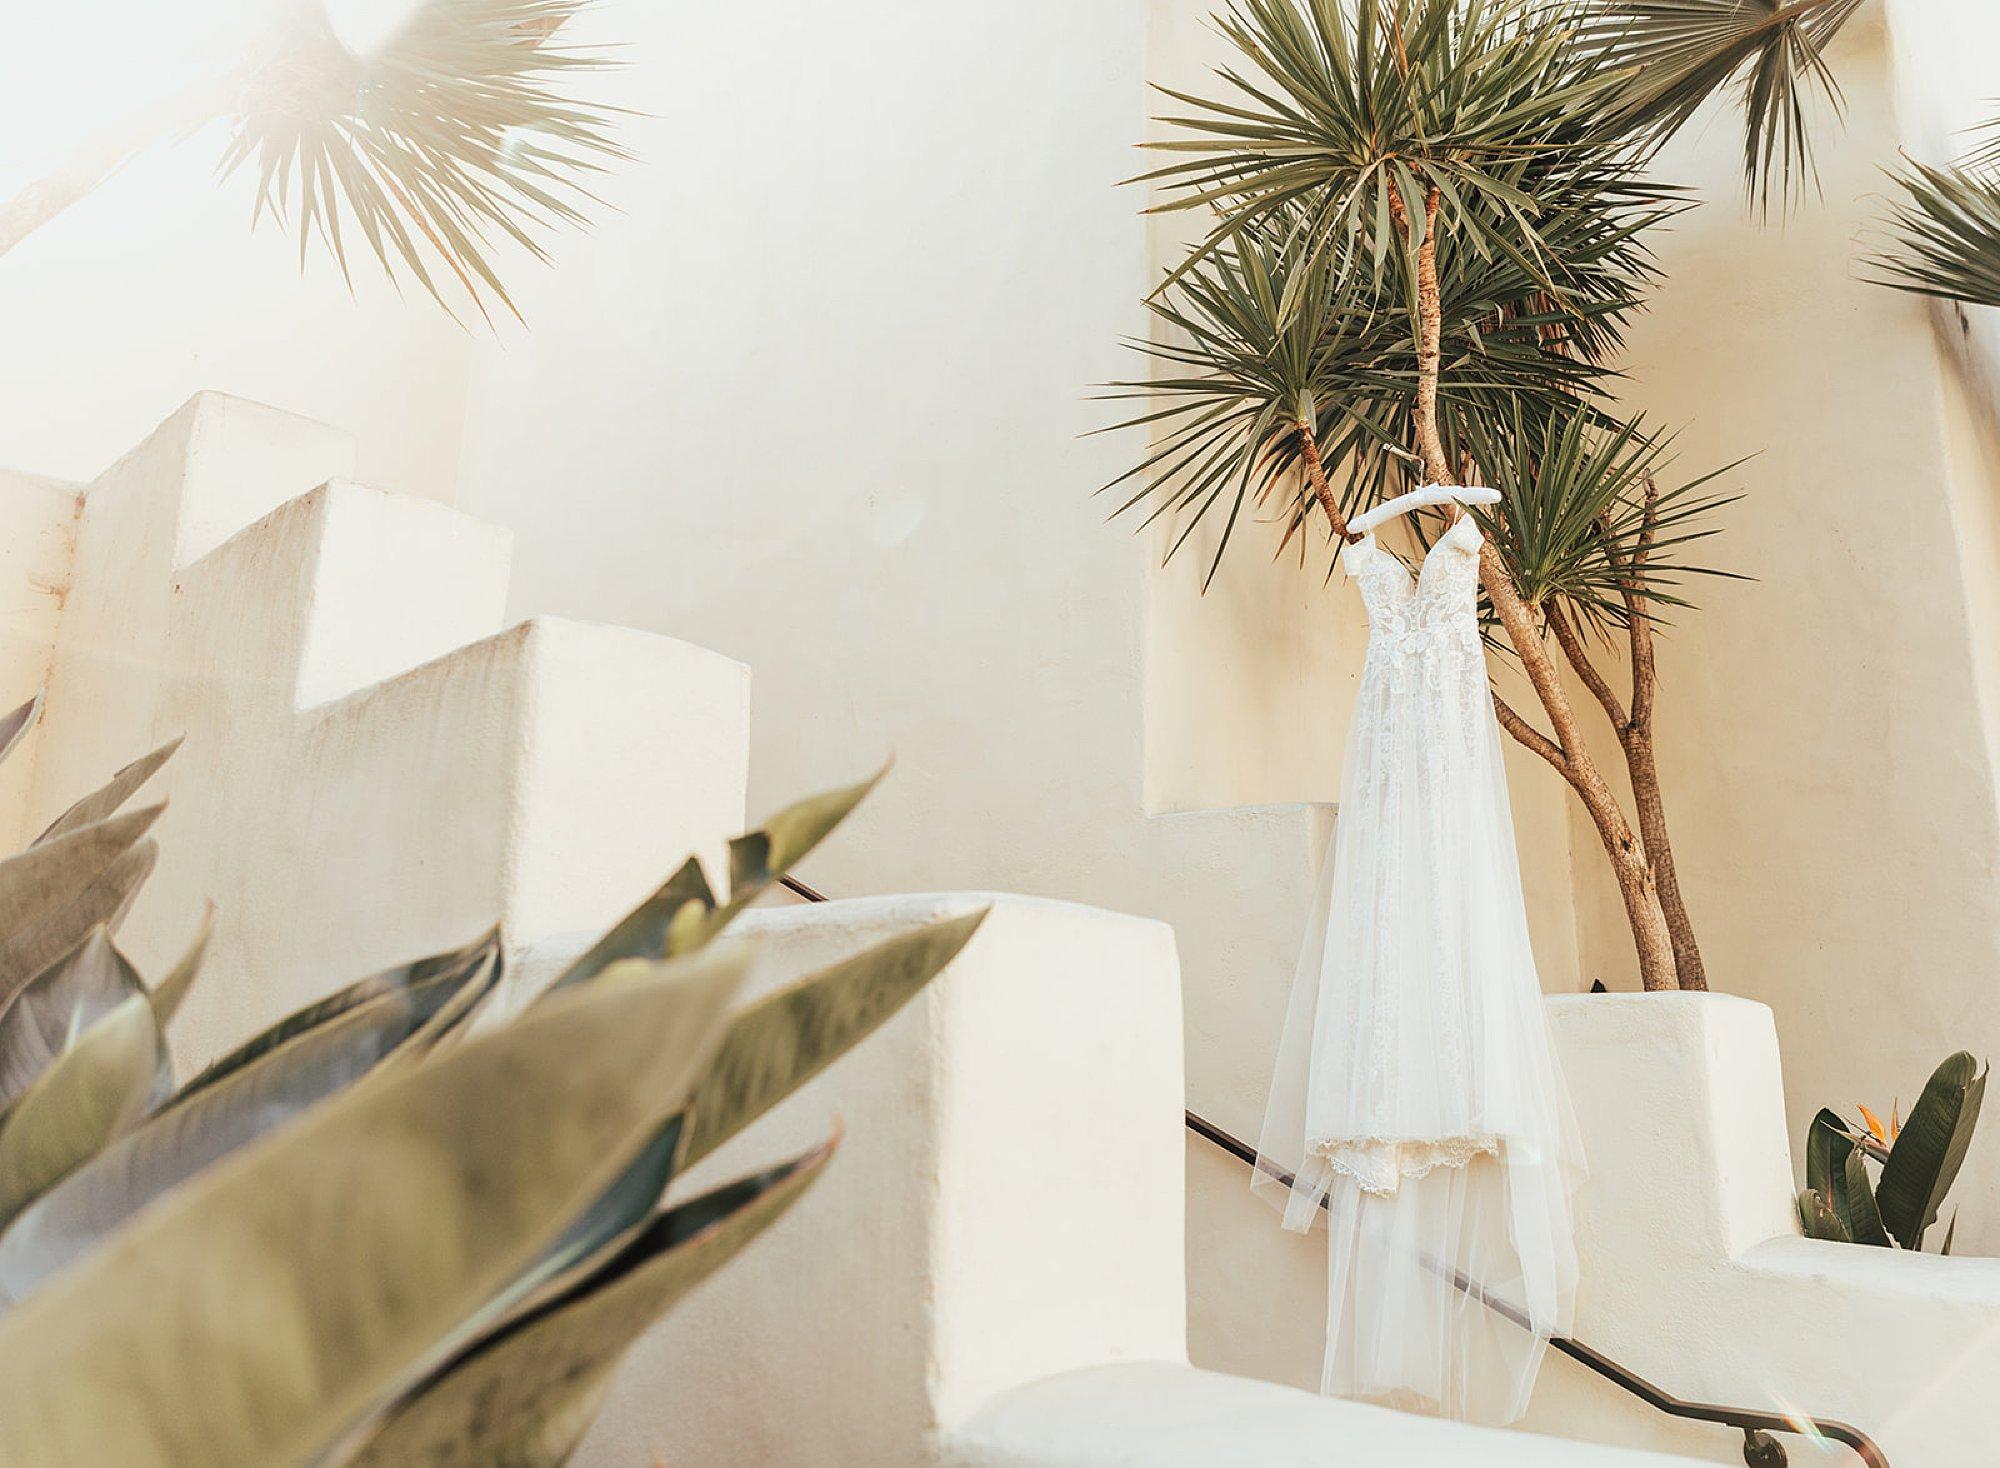 Dress hanging at estancia hotel